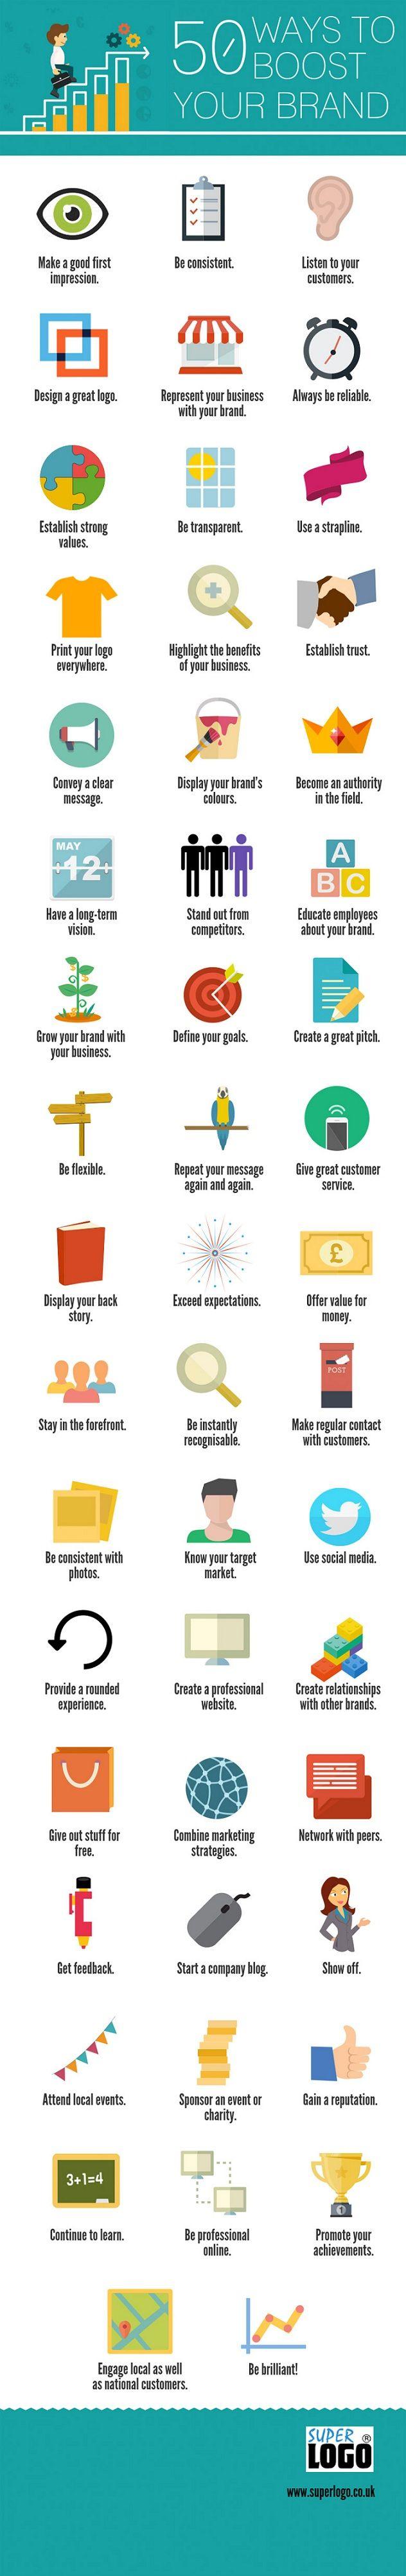 Marka sanatı nedir? Başarılı bir kurum kültürü oluşturmak ve marka değerini artırmak için neler yapılabilir? İşte marka değerini yükseltmenin 50 yolu!